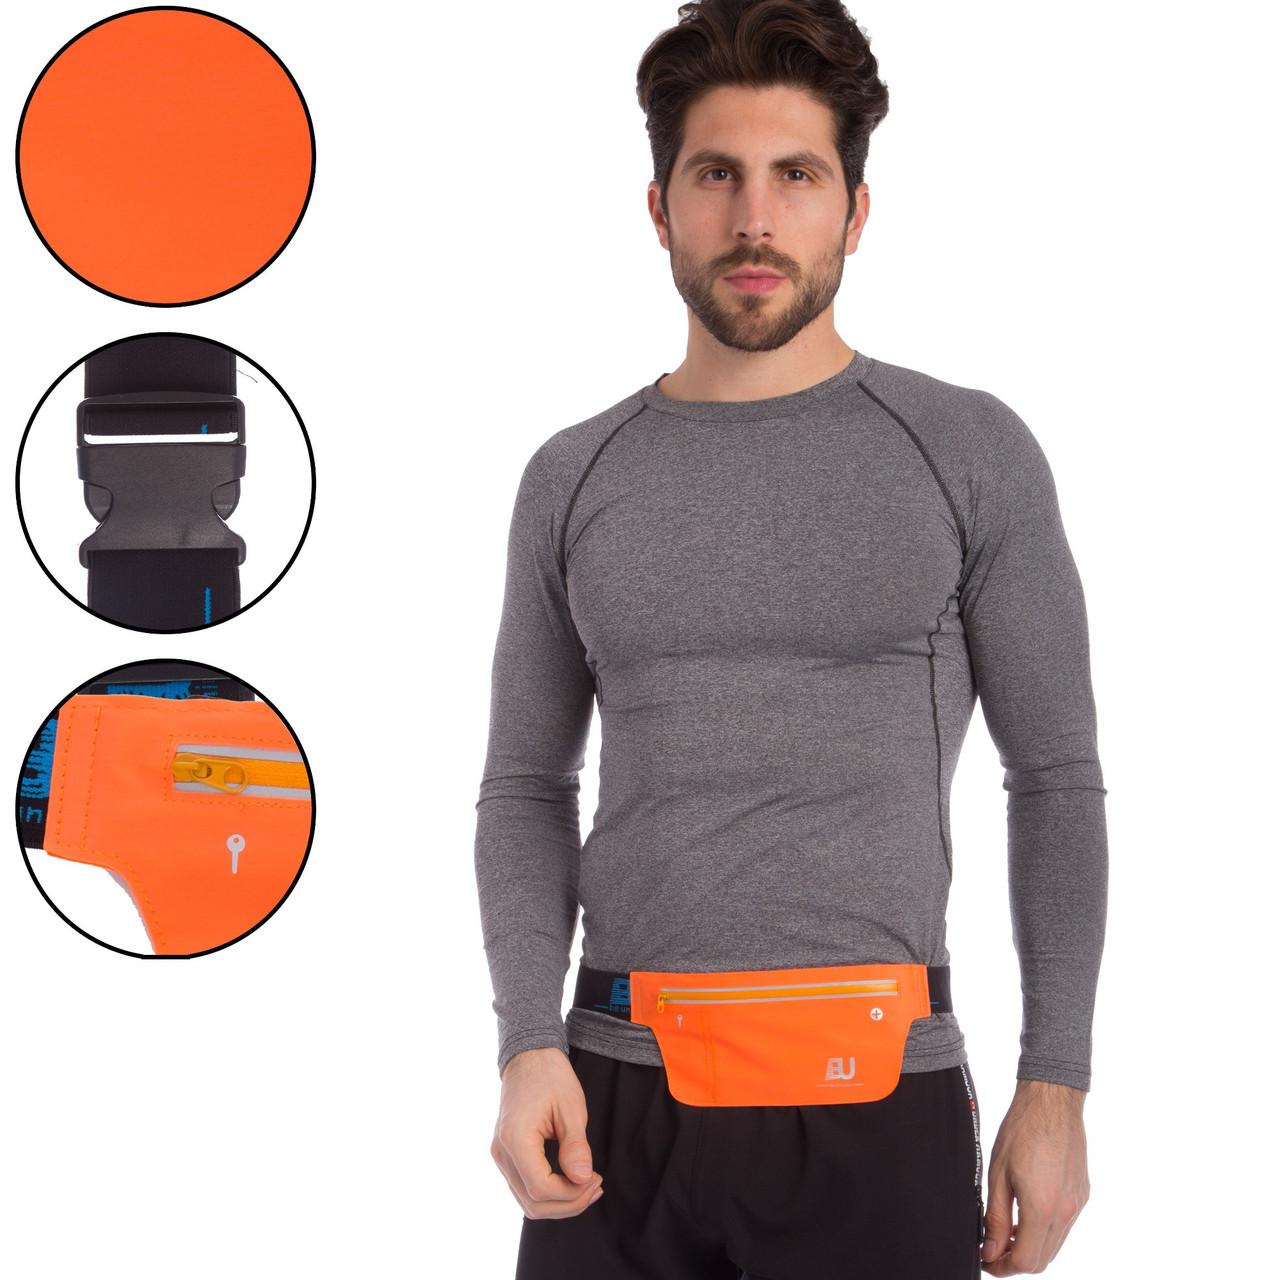 Ремень-сумка спортивная (поясная) для бега и велопрогулки GA-6334 (полиэстер, цвета в ассортименте)